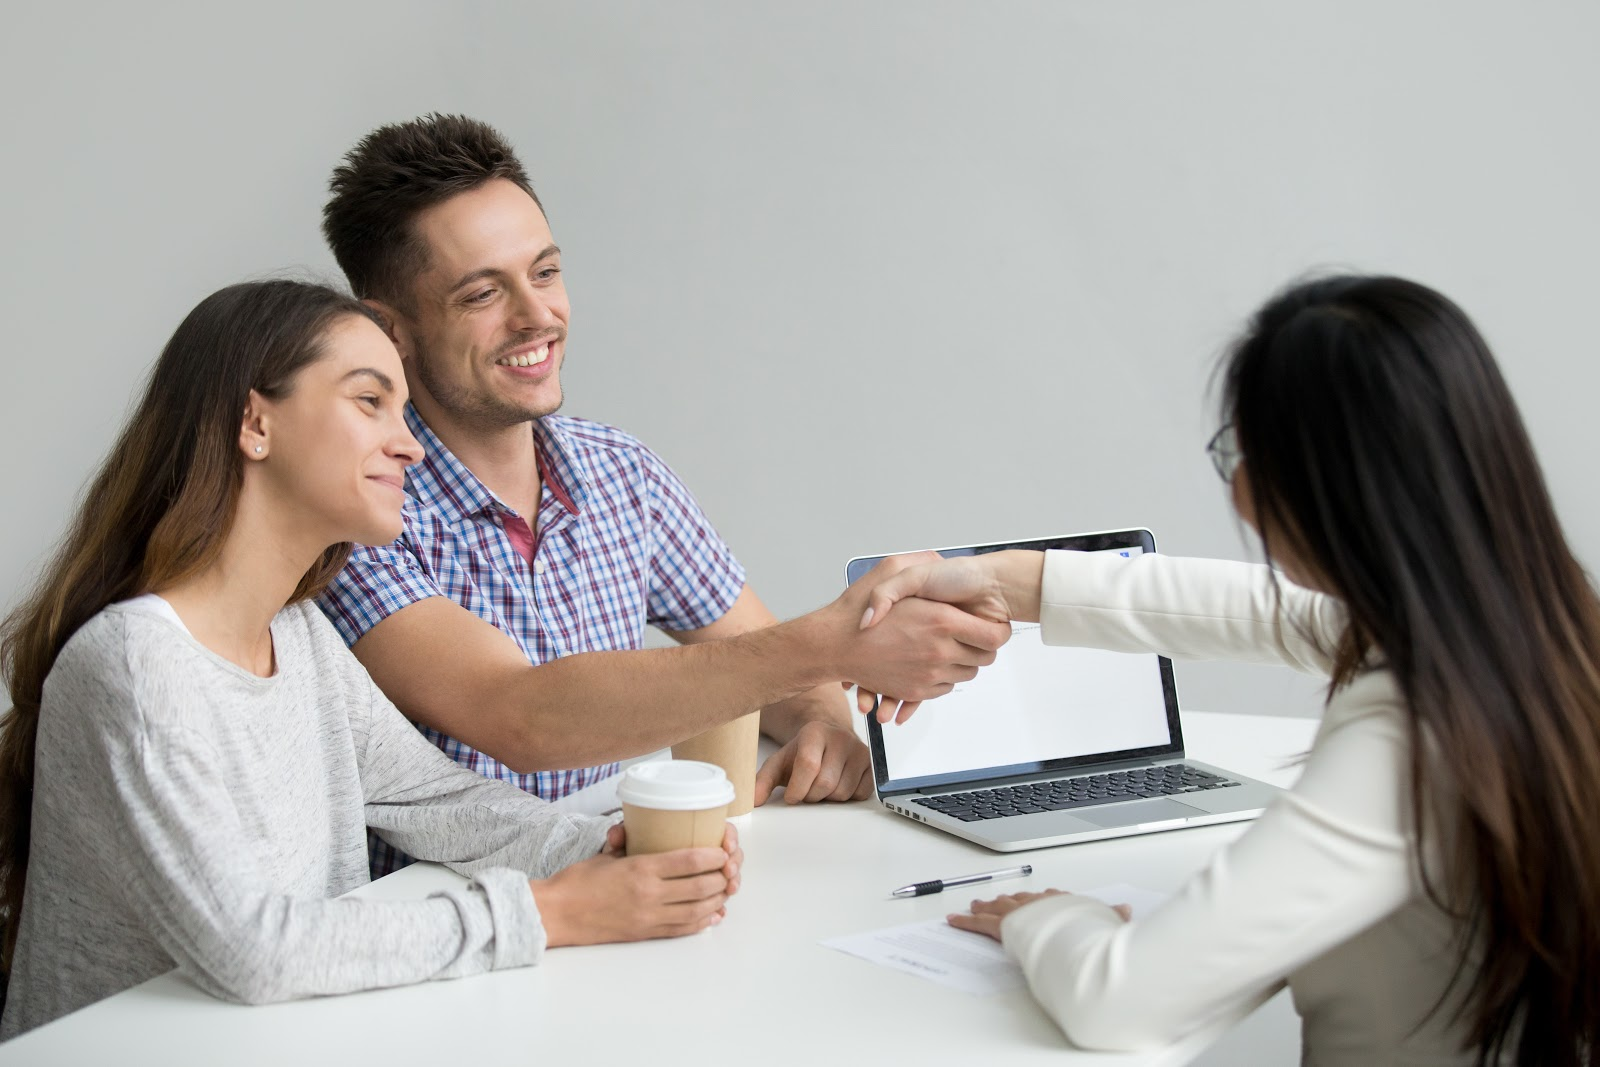 Solicita asesoría con expertos en inversión inmobiliaria